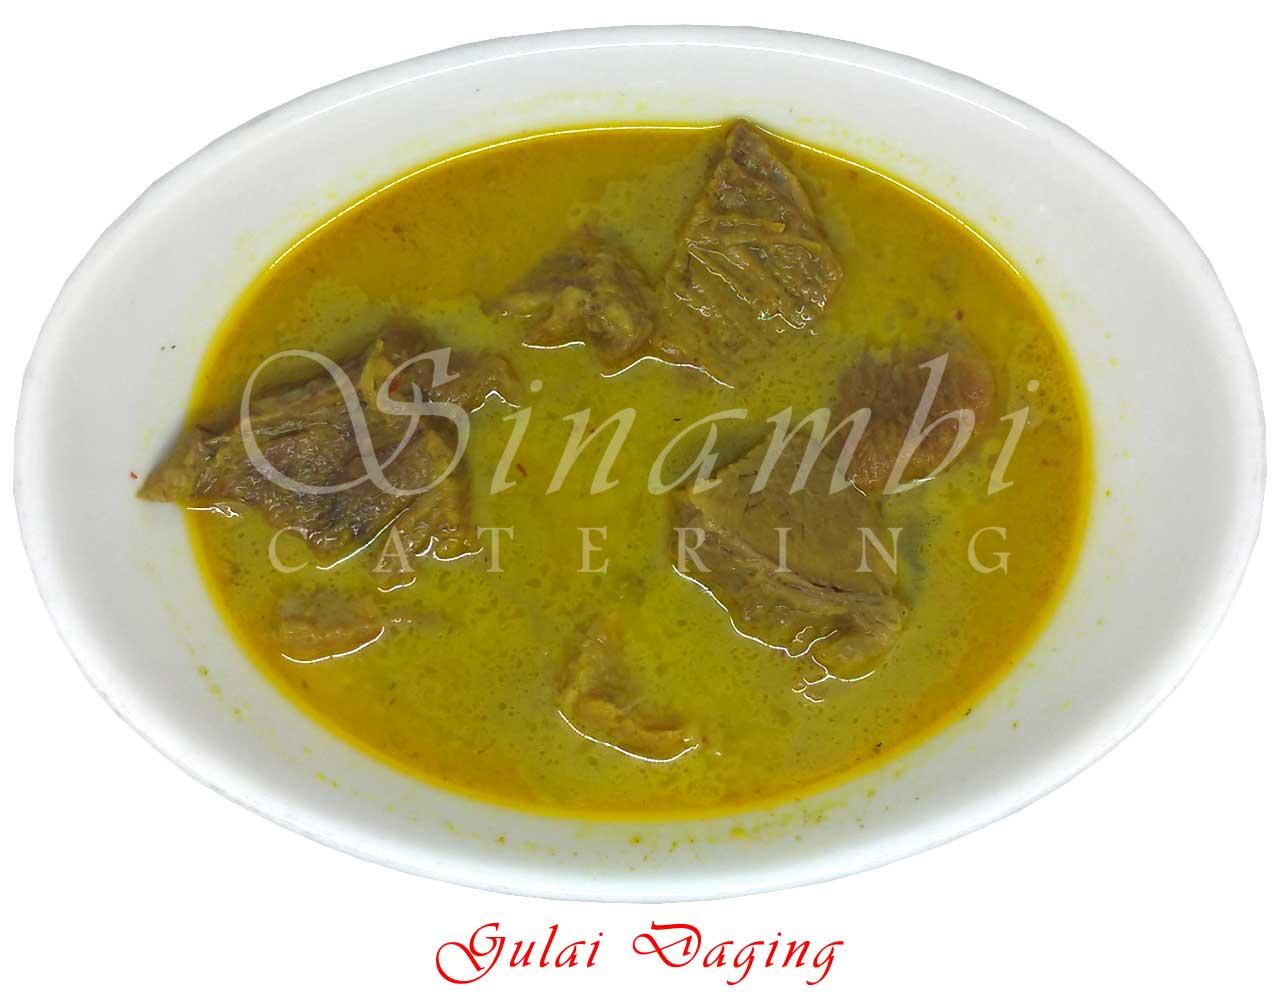 Gulai Daging - Catering Harian